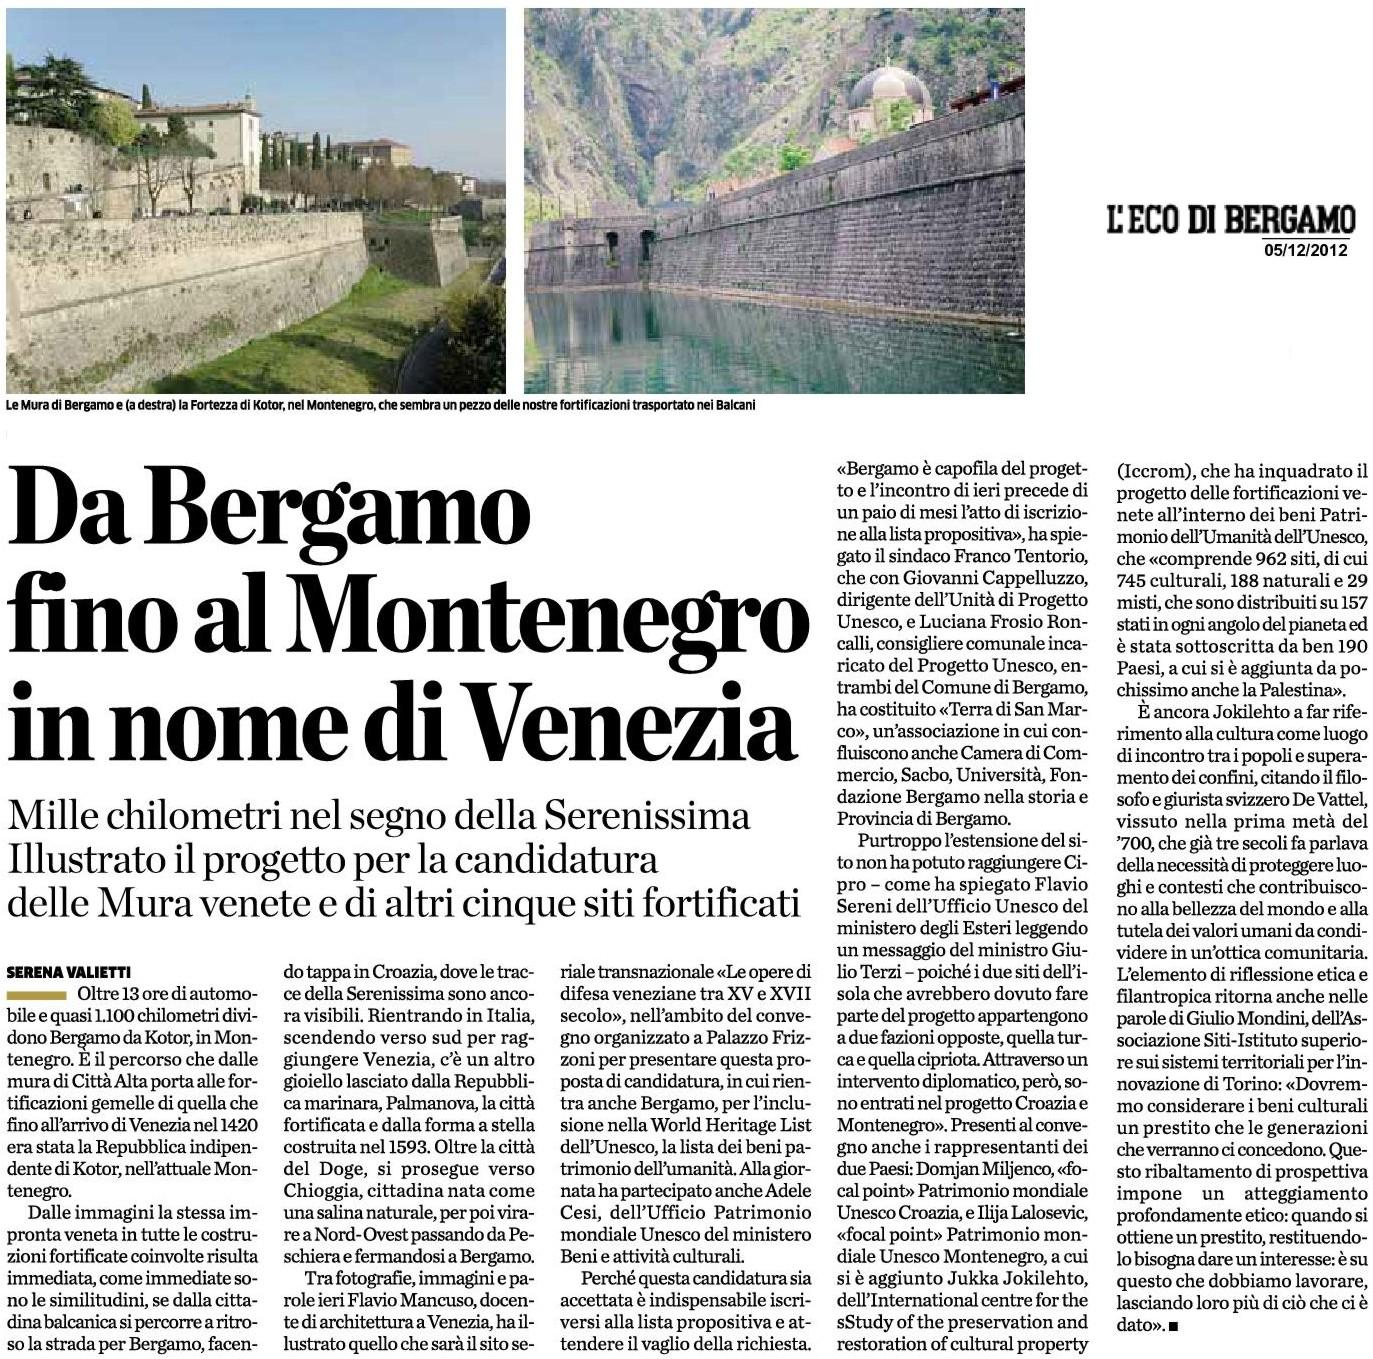 121205 UNESCO fino montenegro -eco